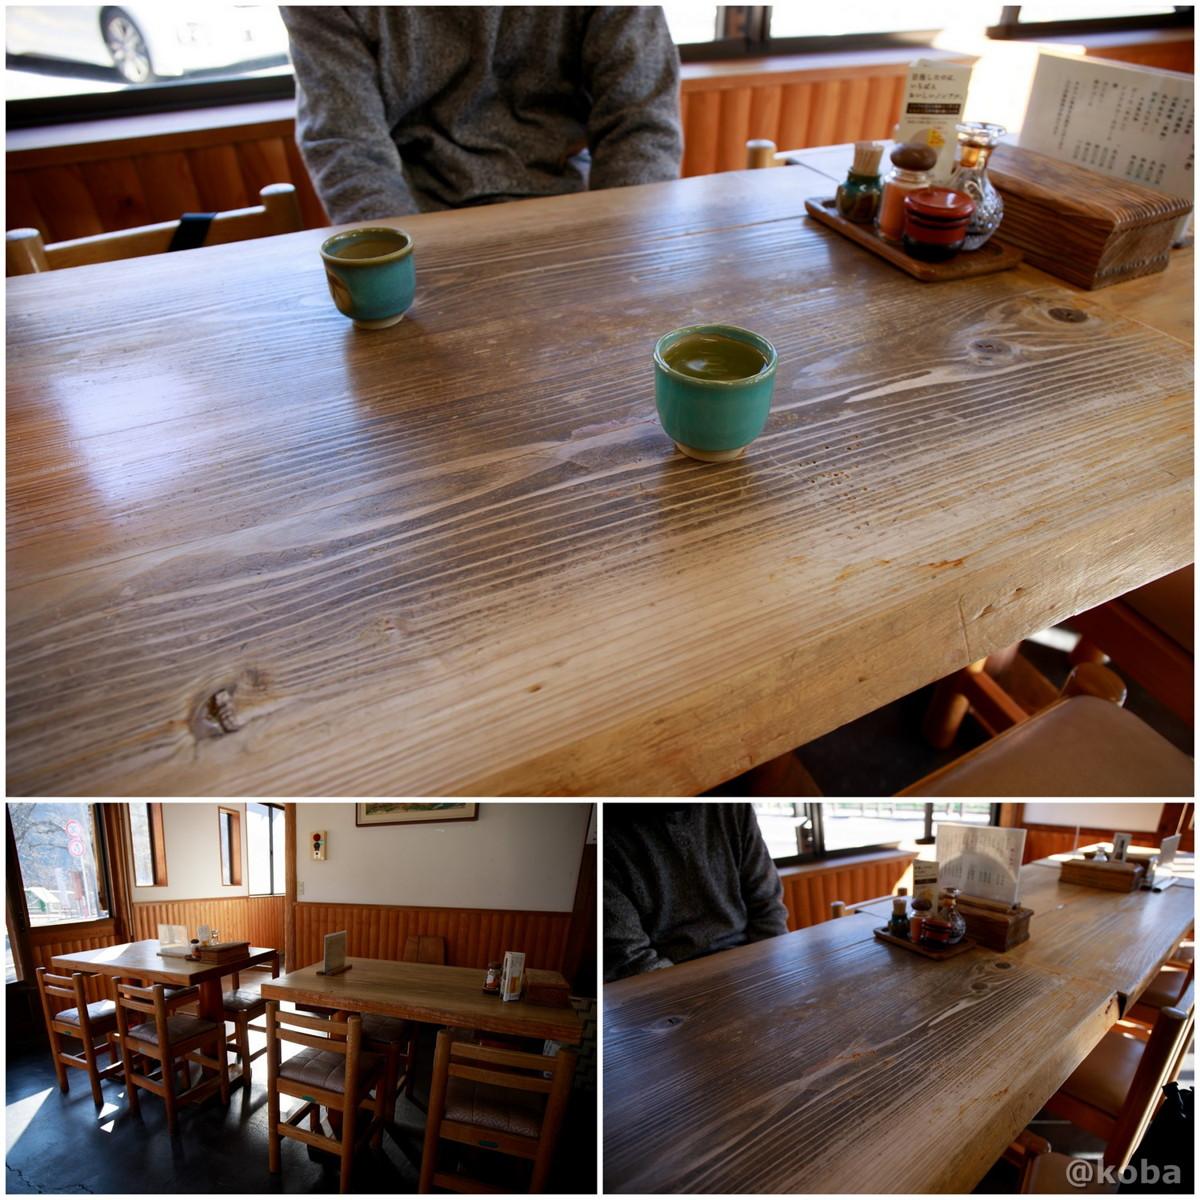 内観 テーブル席│陣屋(じんや)│そばランチ│蕎麦処│東京都西多摩郡 奥多摩町川野│こばフォトブログ